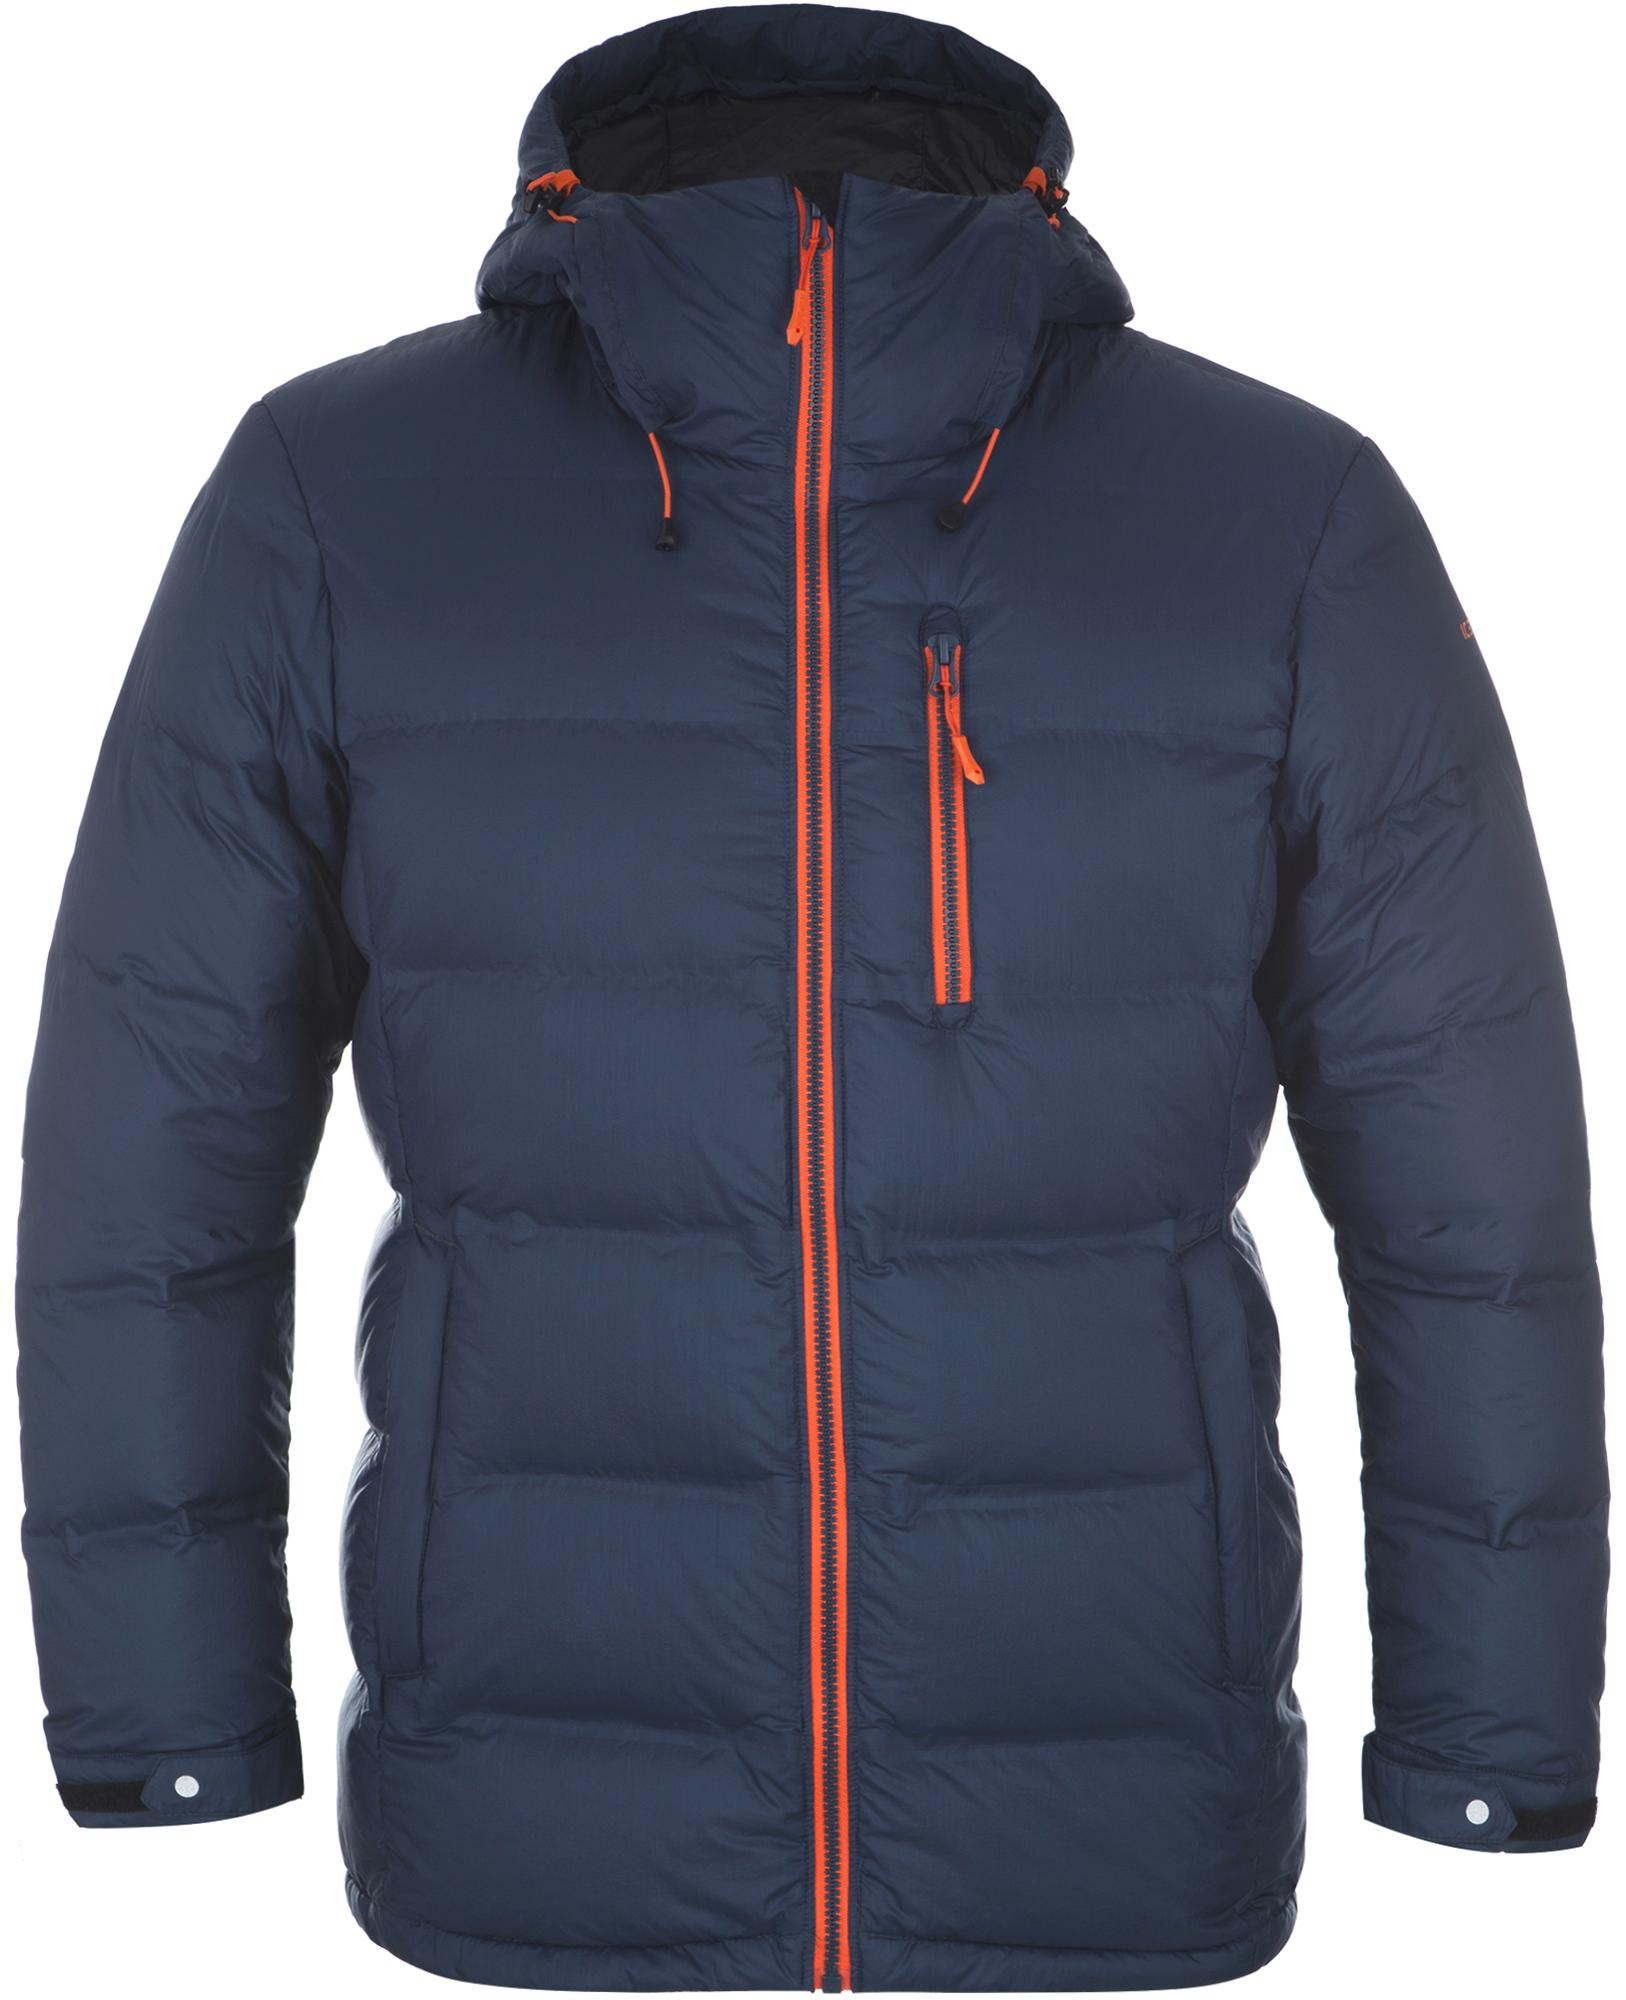 IcePeak Куртка пуховая мужская IcePeak Barak недорого